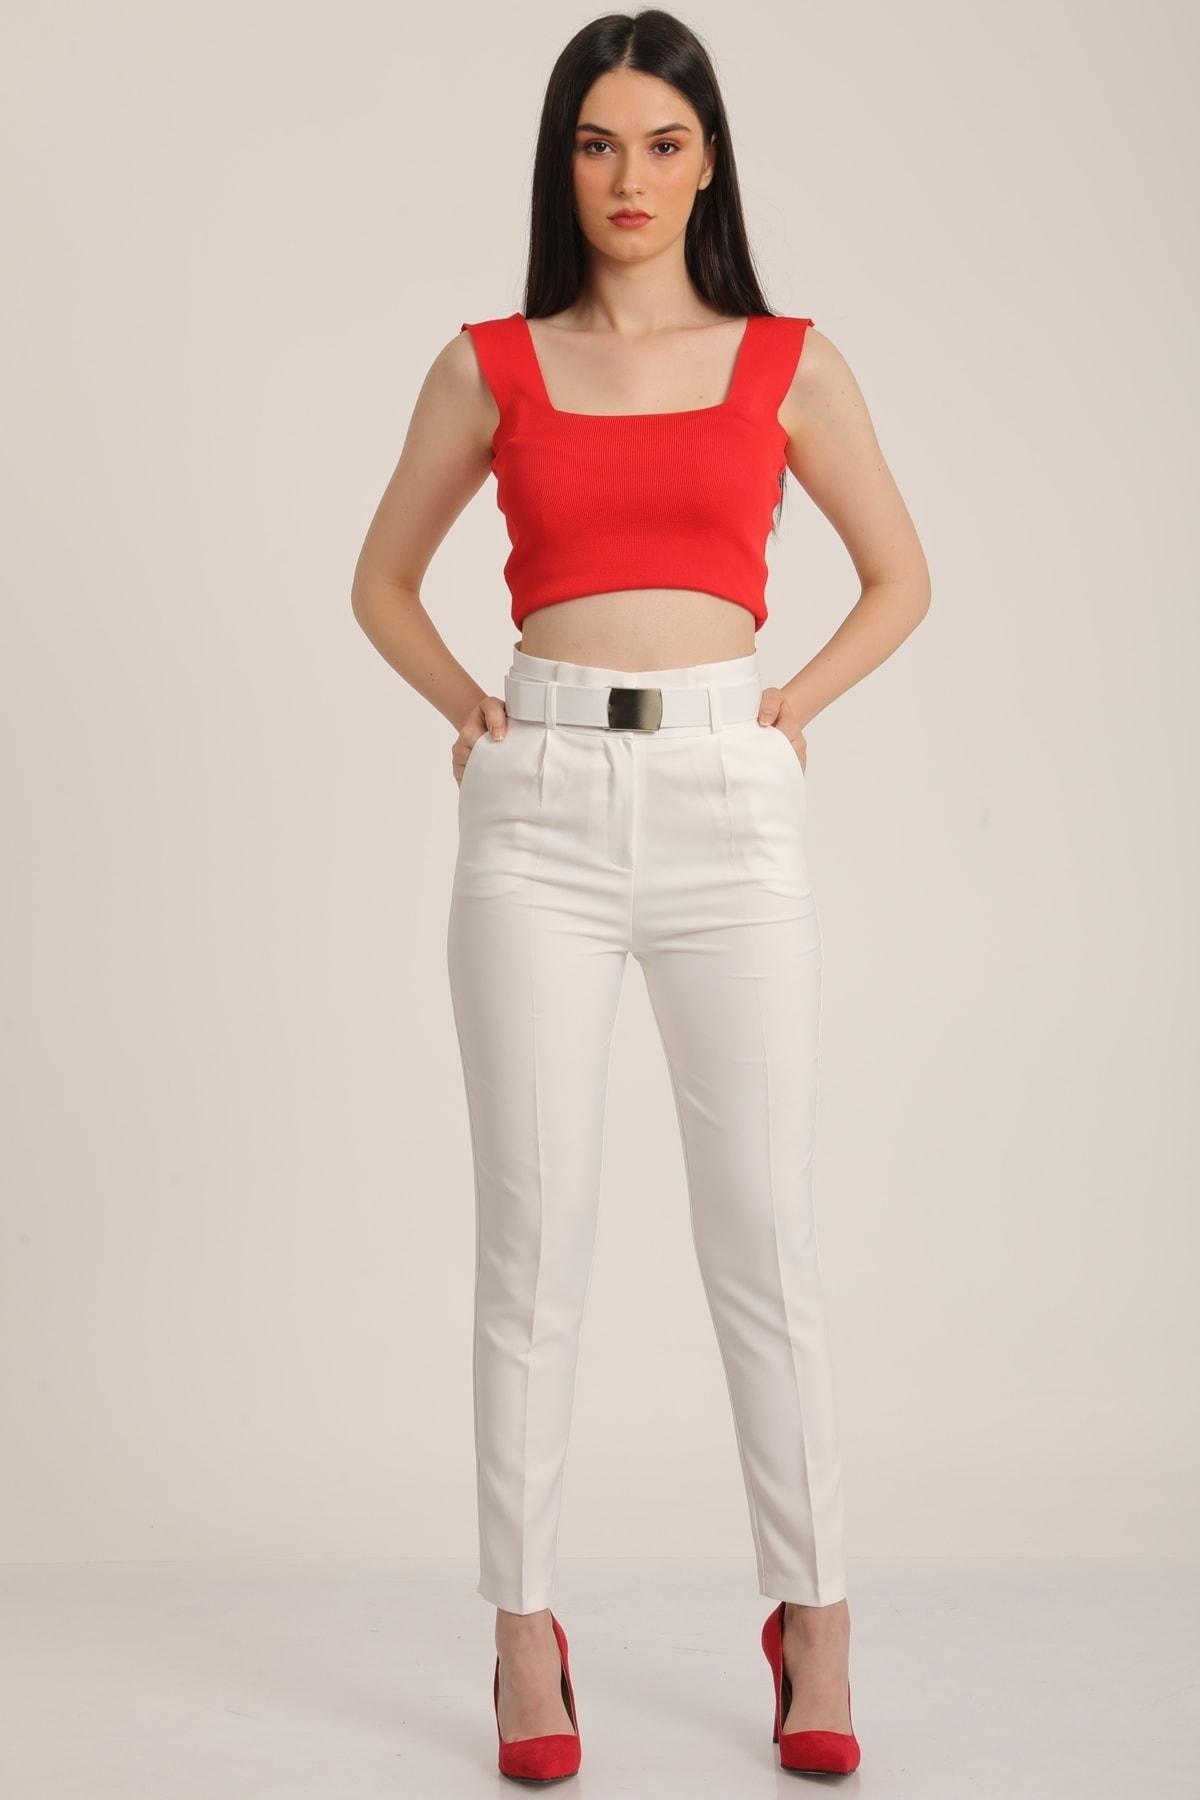 MD trend Kadın Beyaz Yüksek Bel Palaska Kemerli Kumaş Pantolon Mdt5015 1